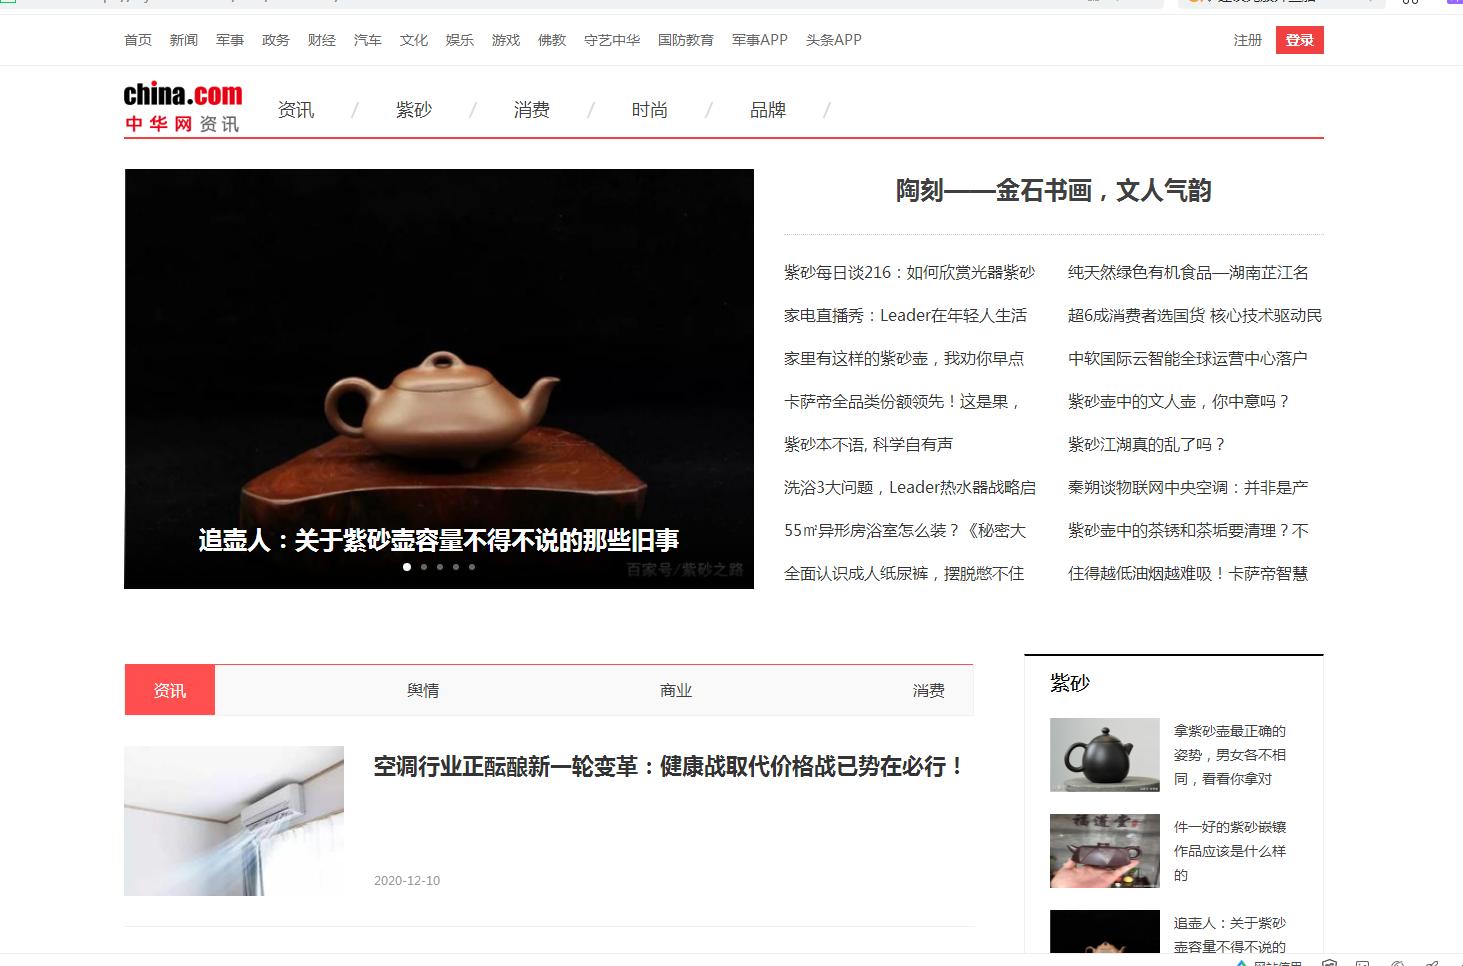 中华网资讯